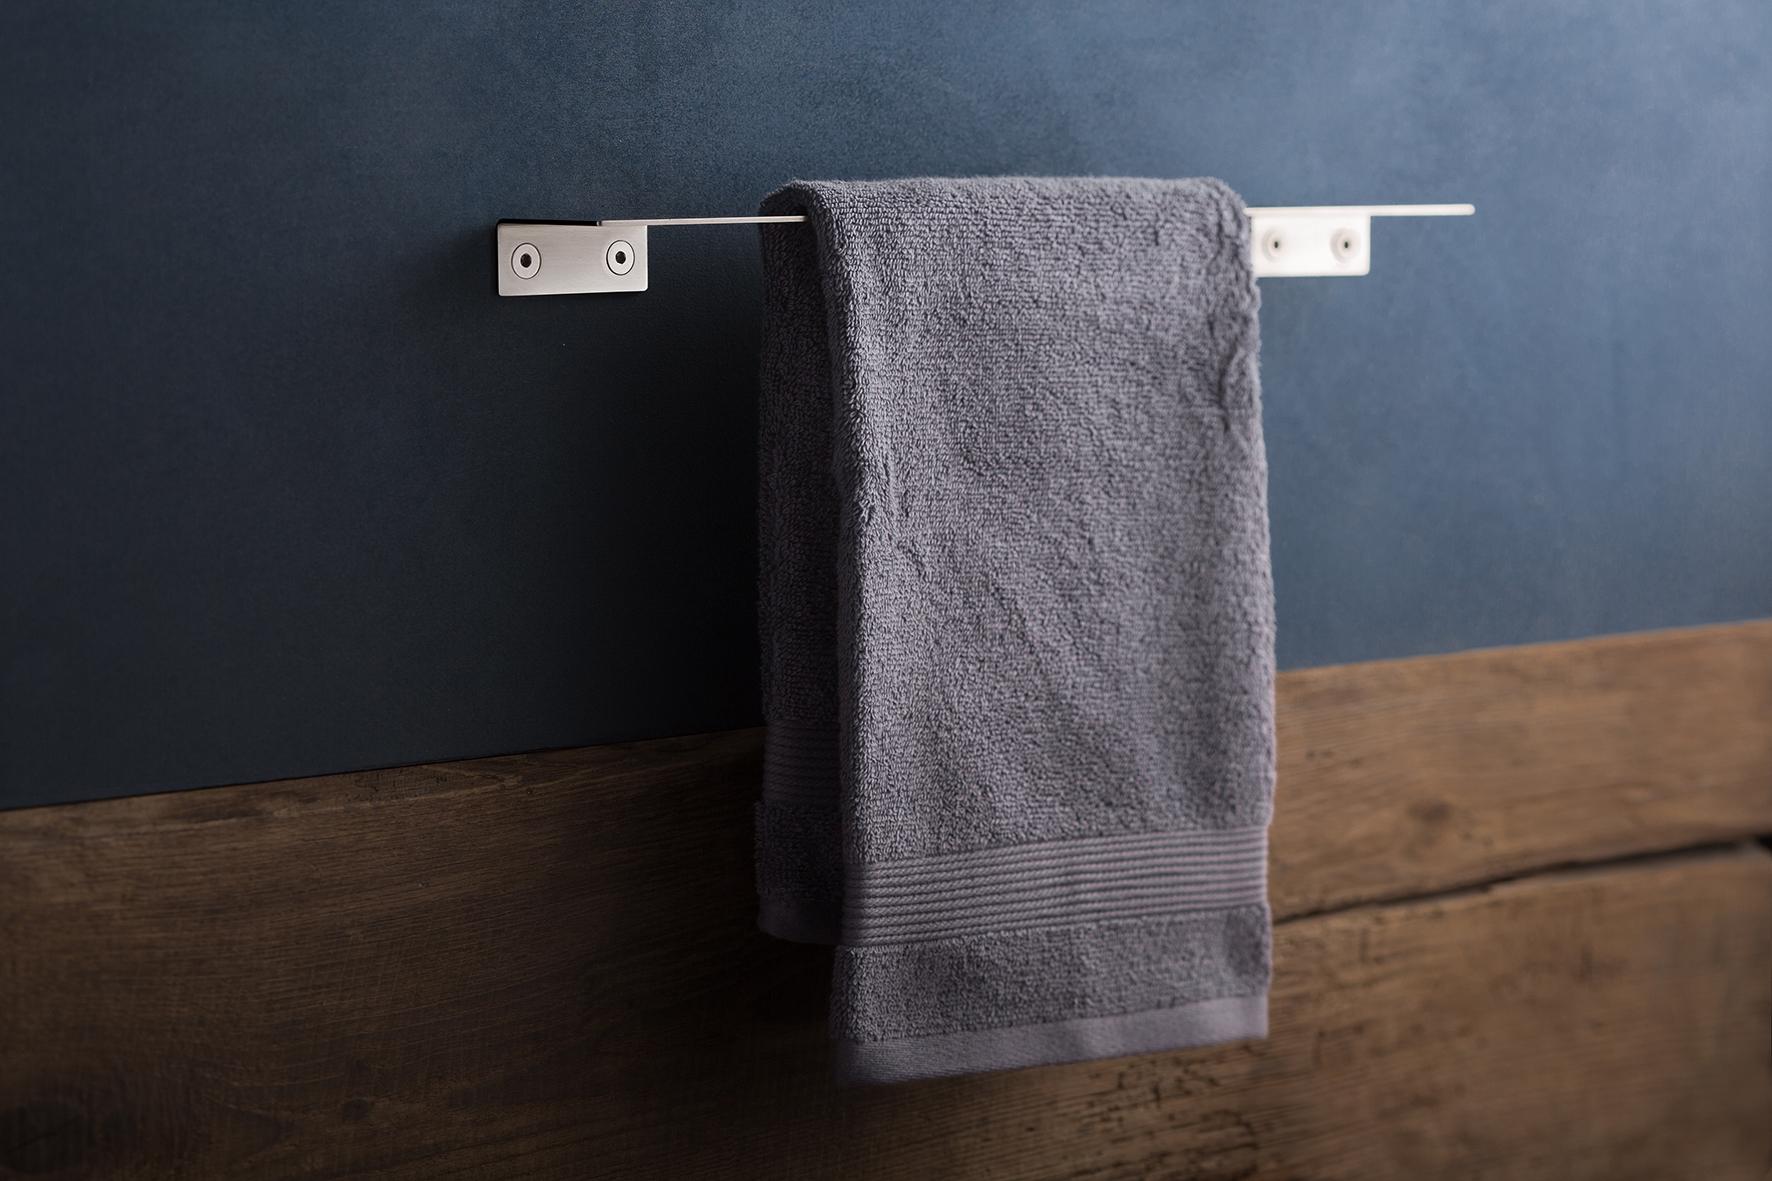 Accessori per il bagno in acciao inox minimal mai banali semplicemente belli arredare con - Accessori bagno inox ...